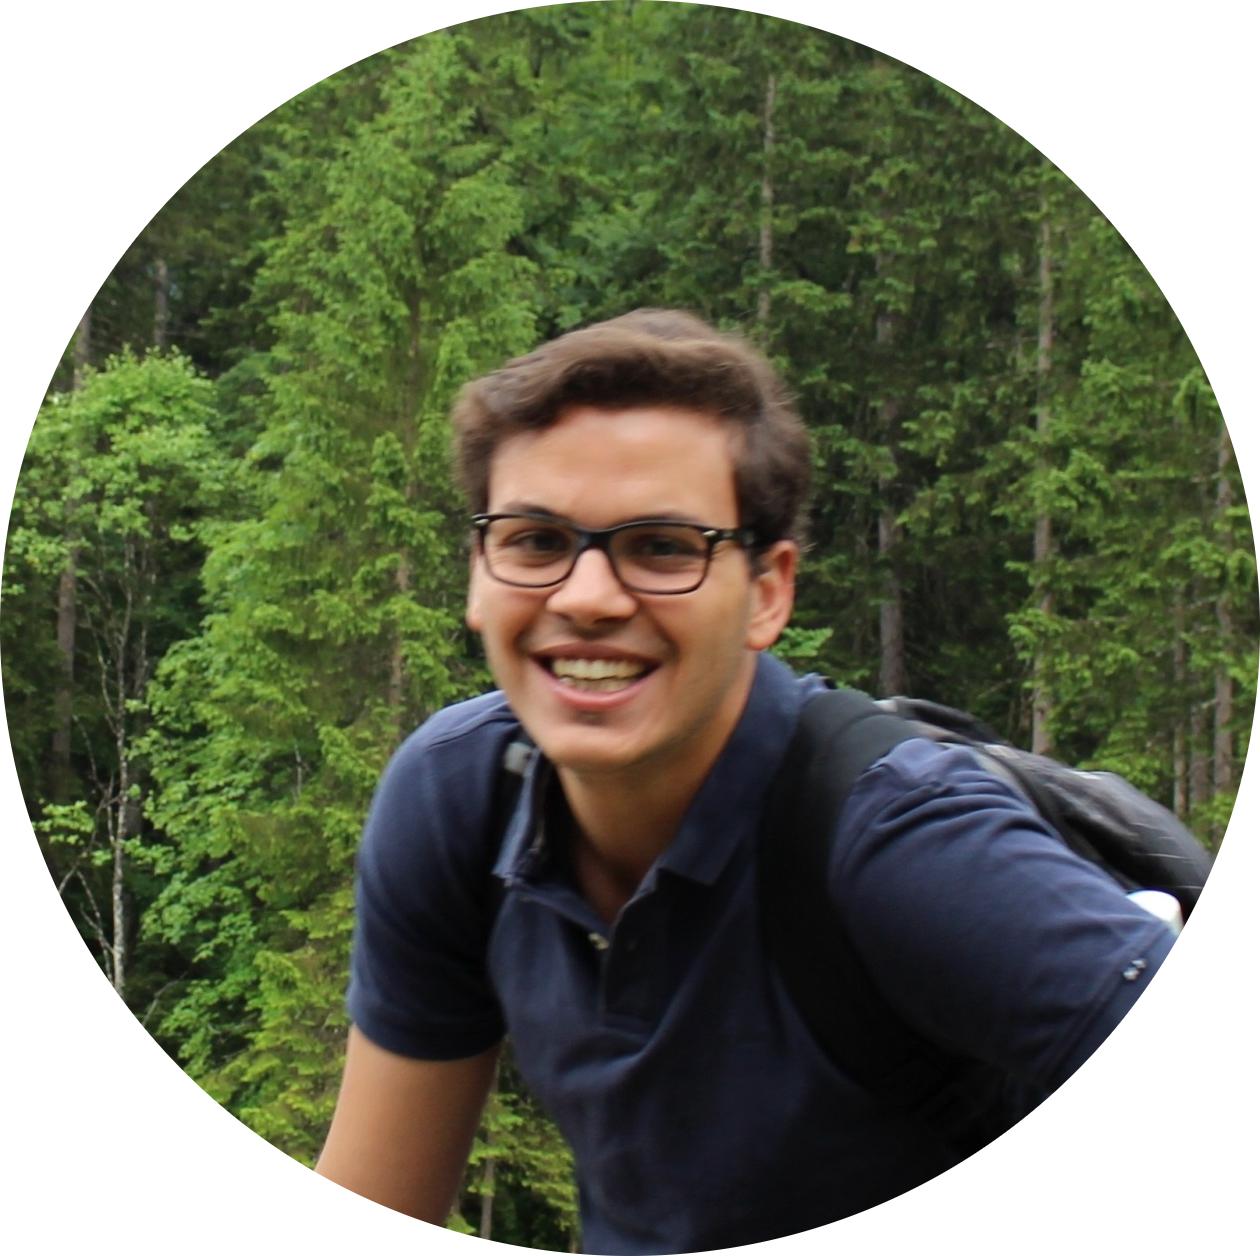 Profilfoto Amine Zaghdoudi